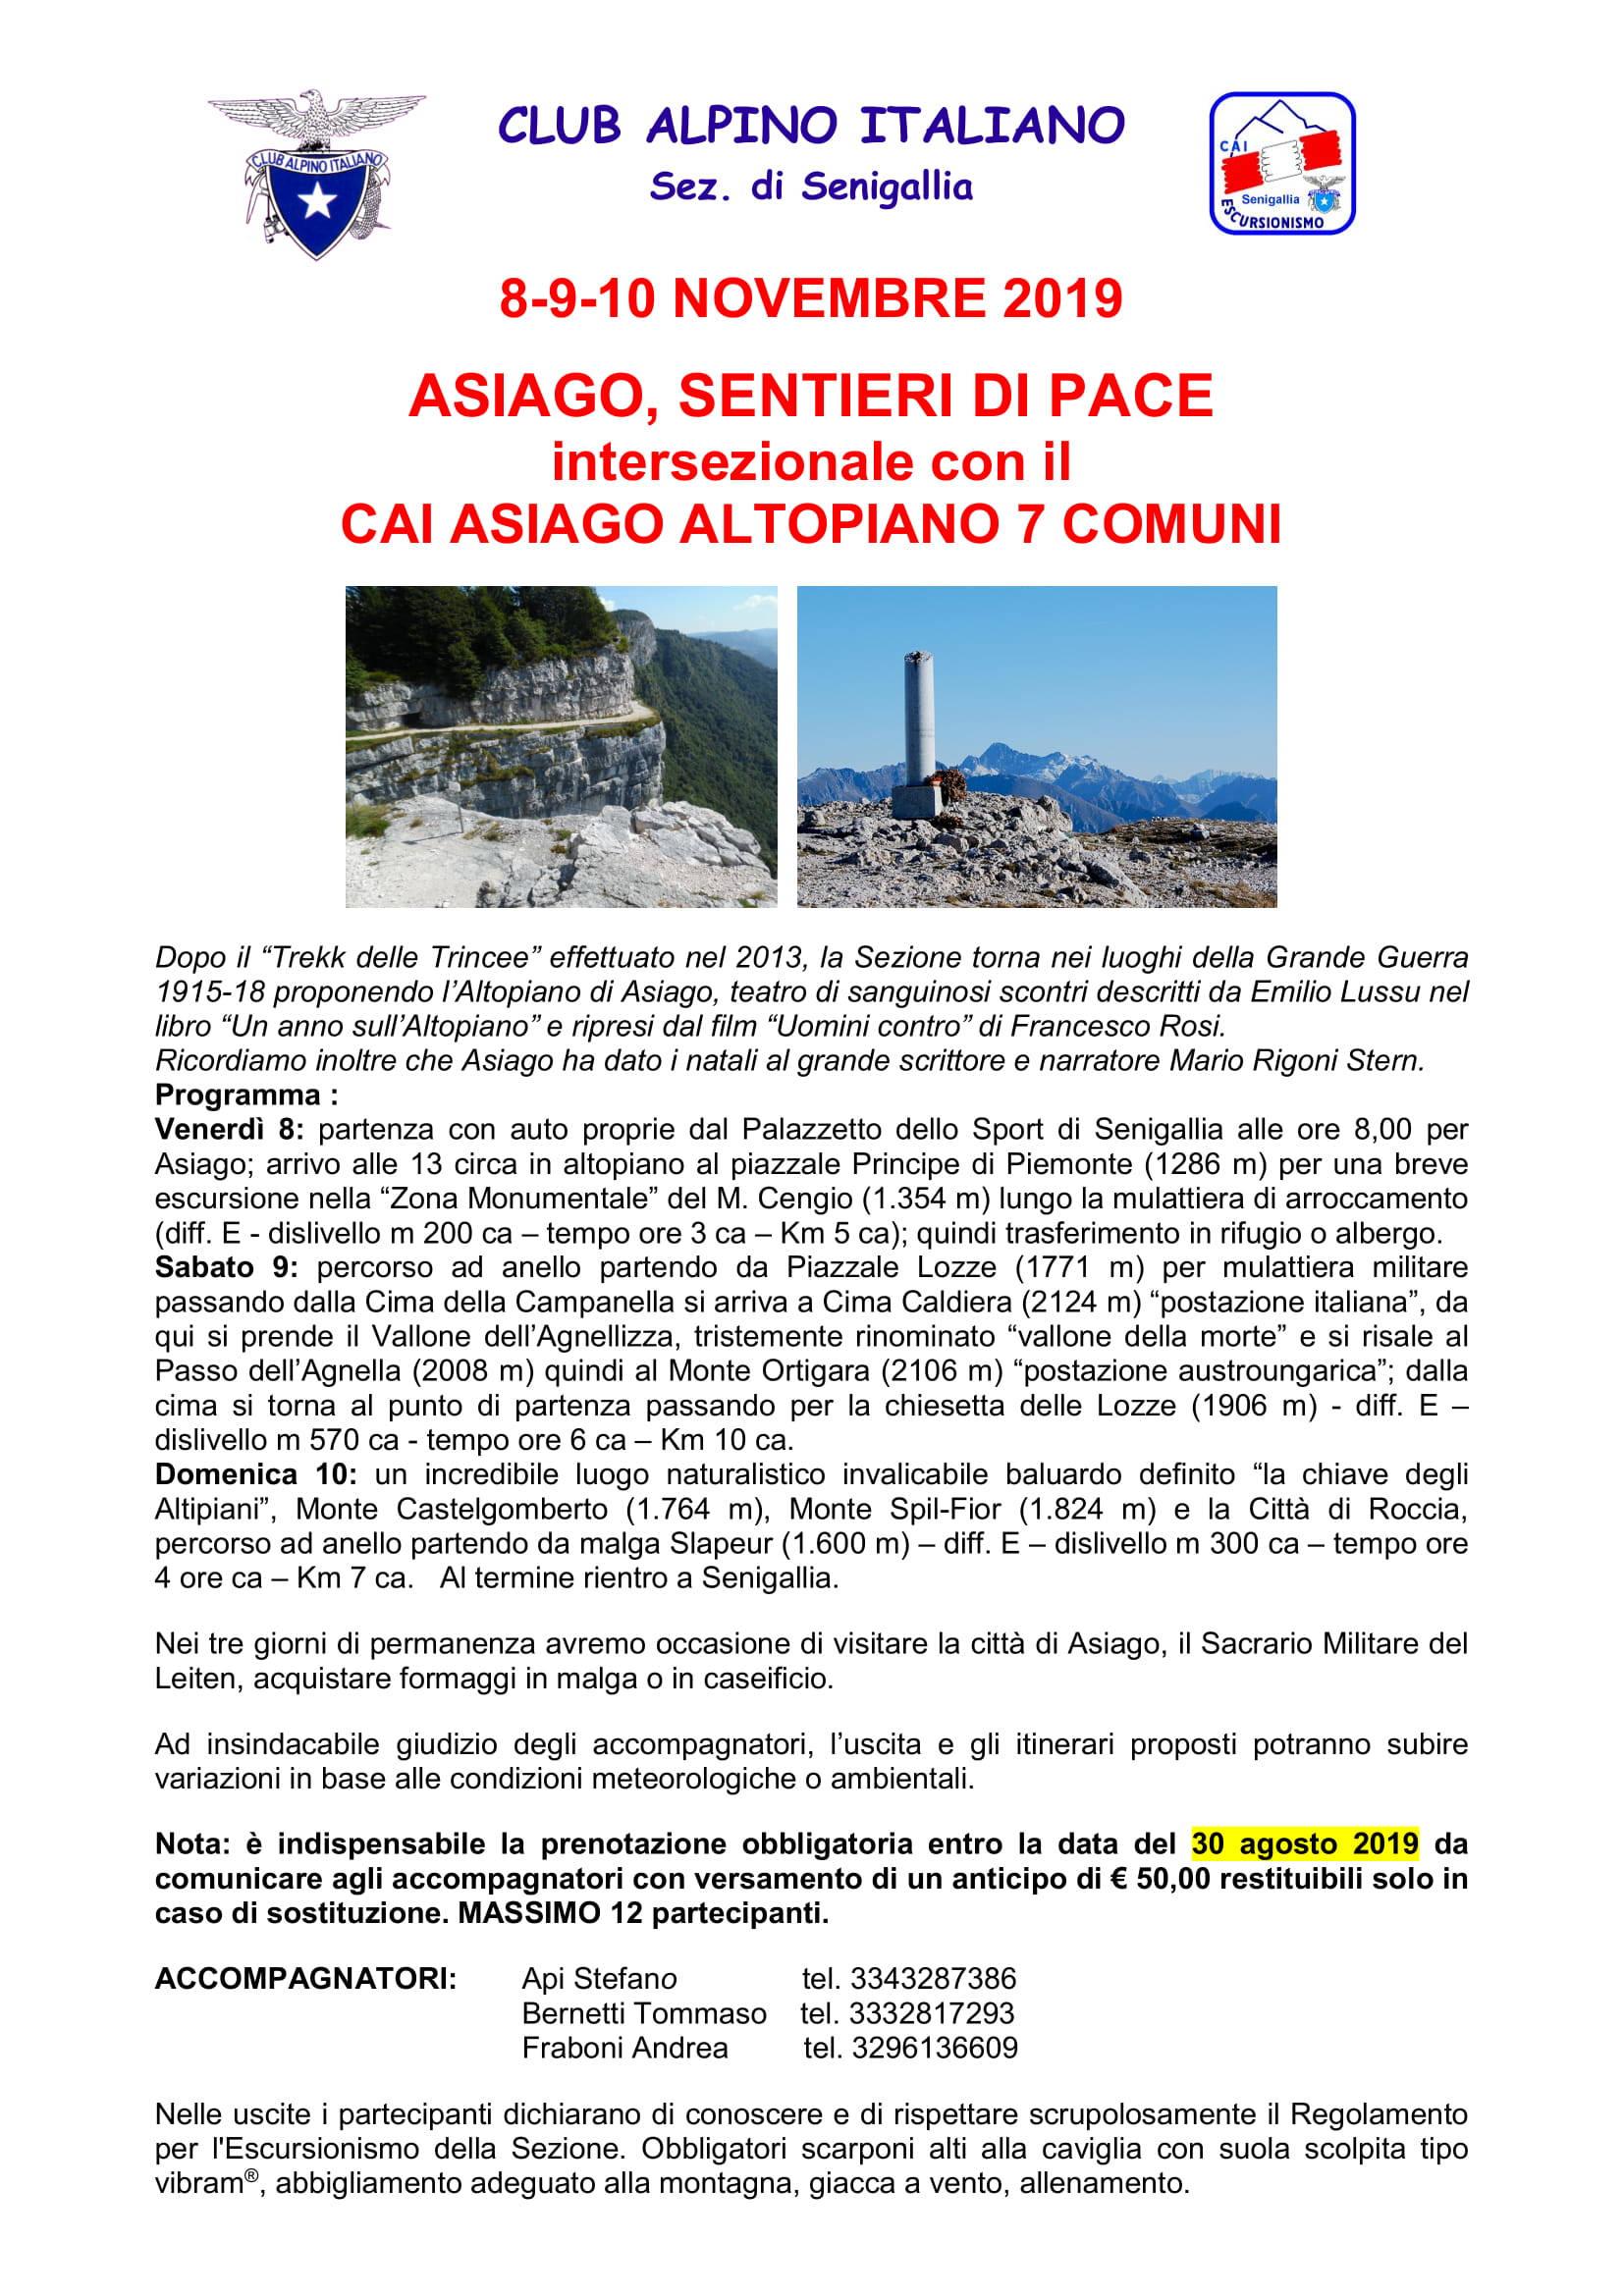 Altopiano di Asiago, Sentieri di pace